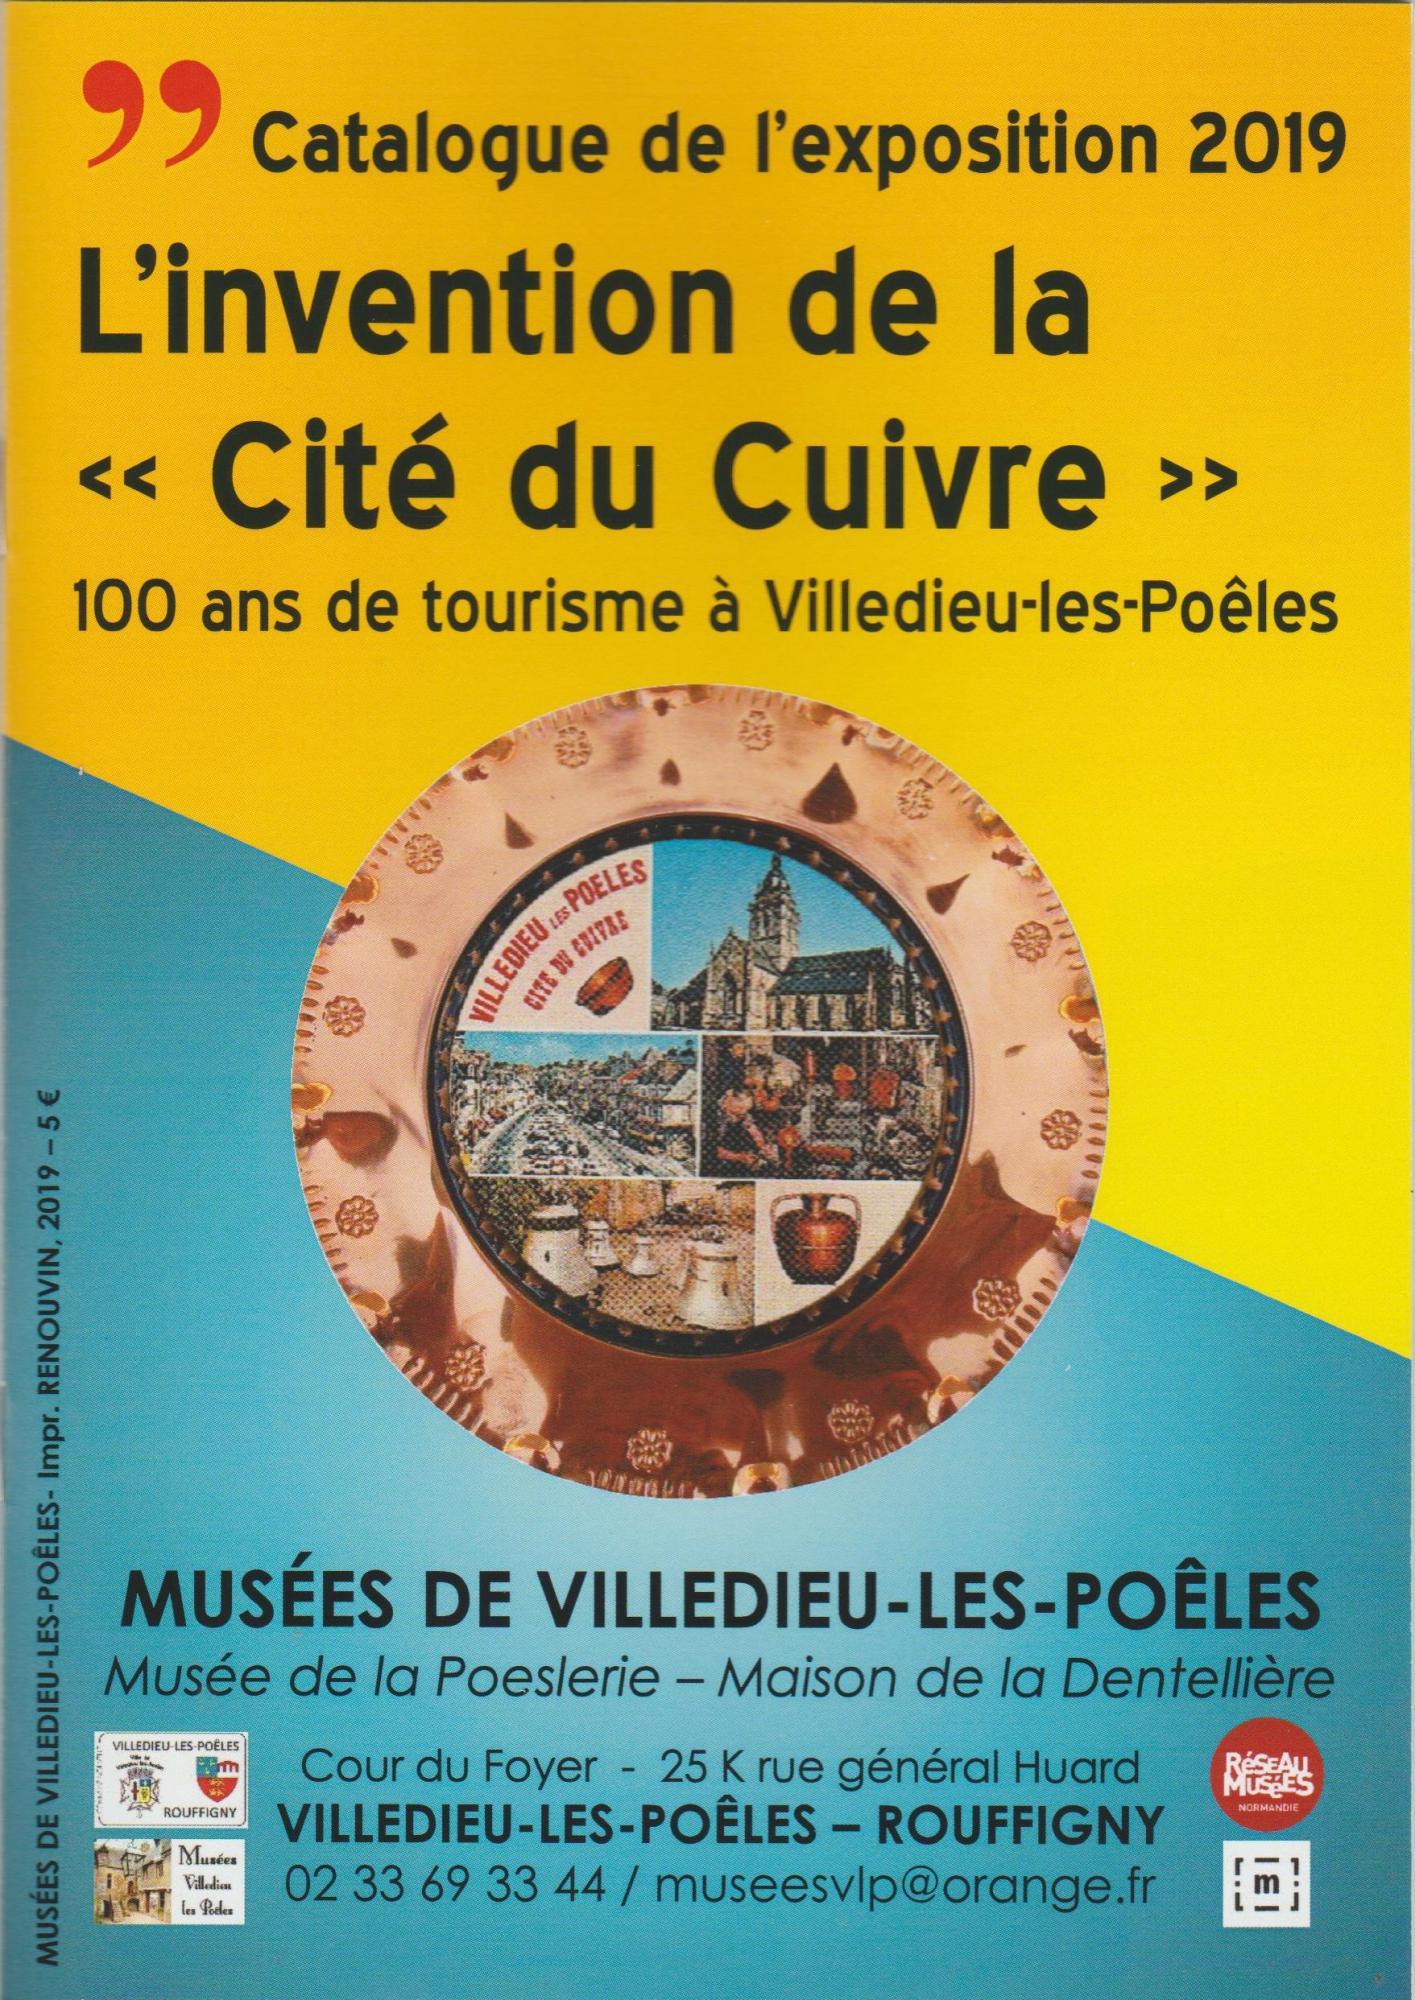 """L'invention de la """"Cité du Cuivre"""" 100 ans de Tourisme à Villedieu-Les-Poêles"""